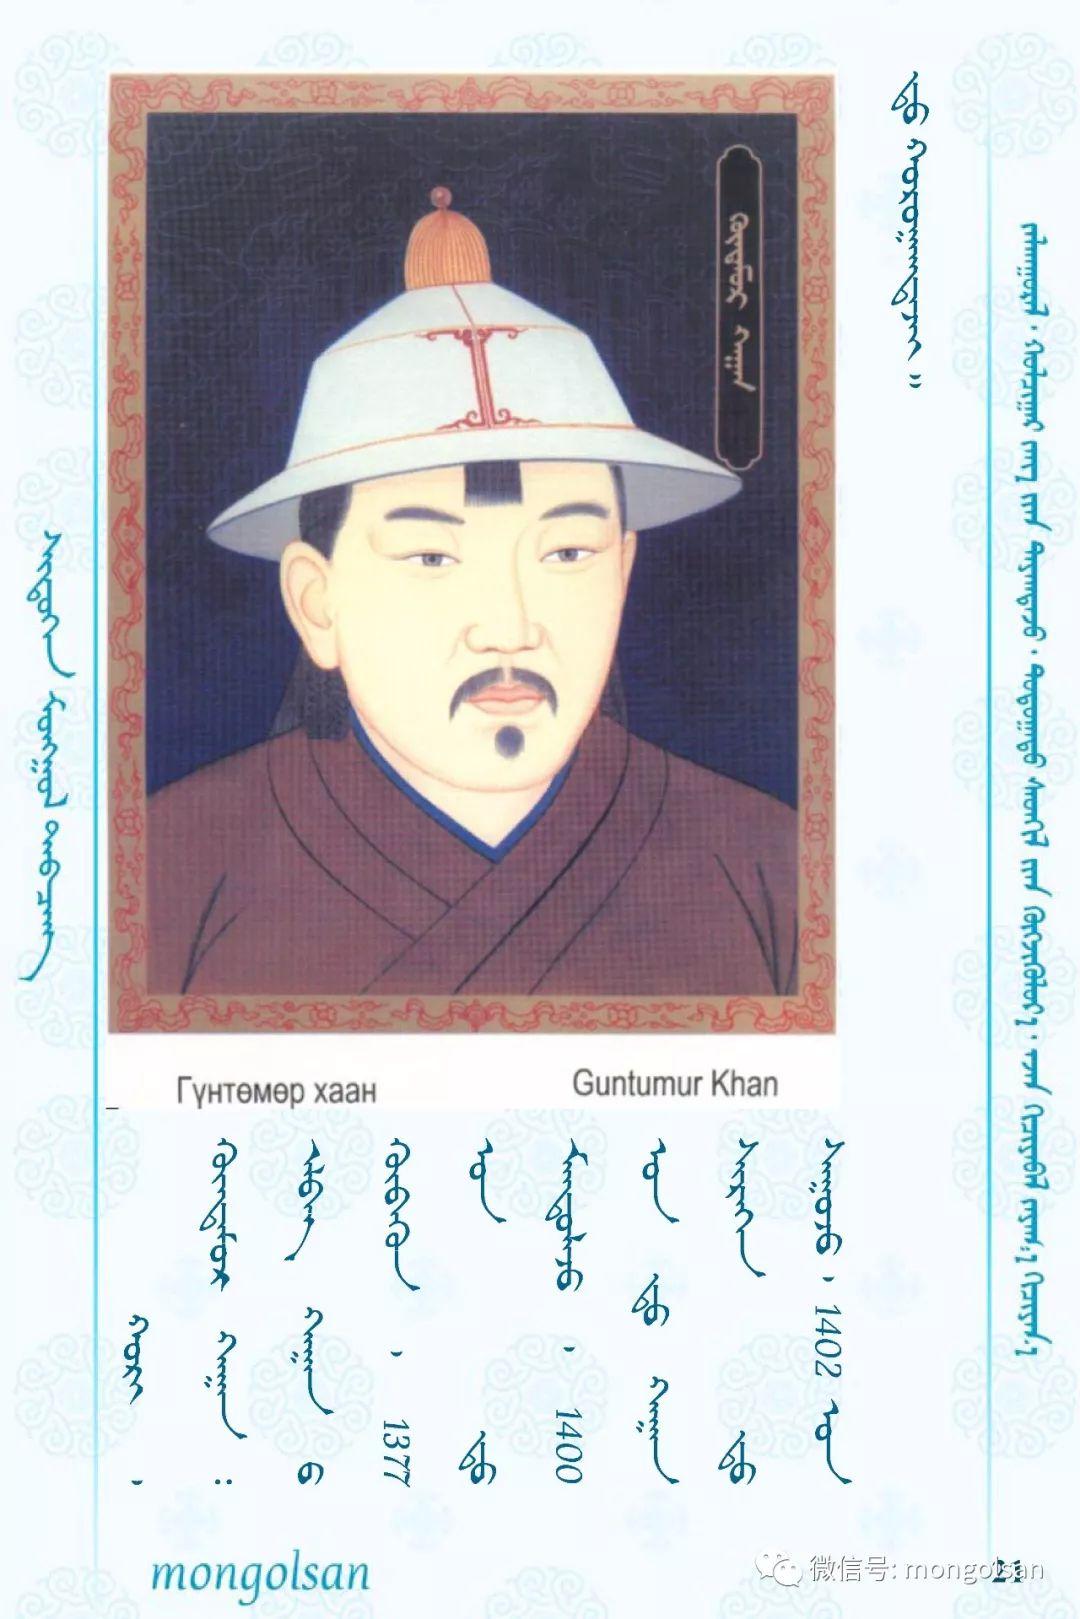 【关注】蒙古皇帝列表 第21张